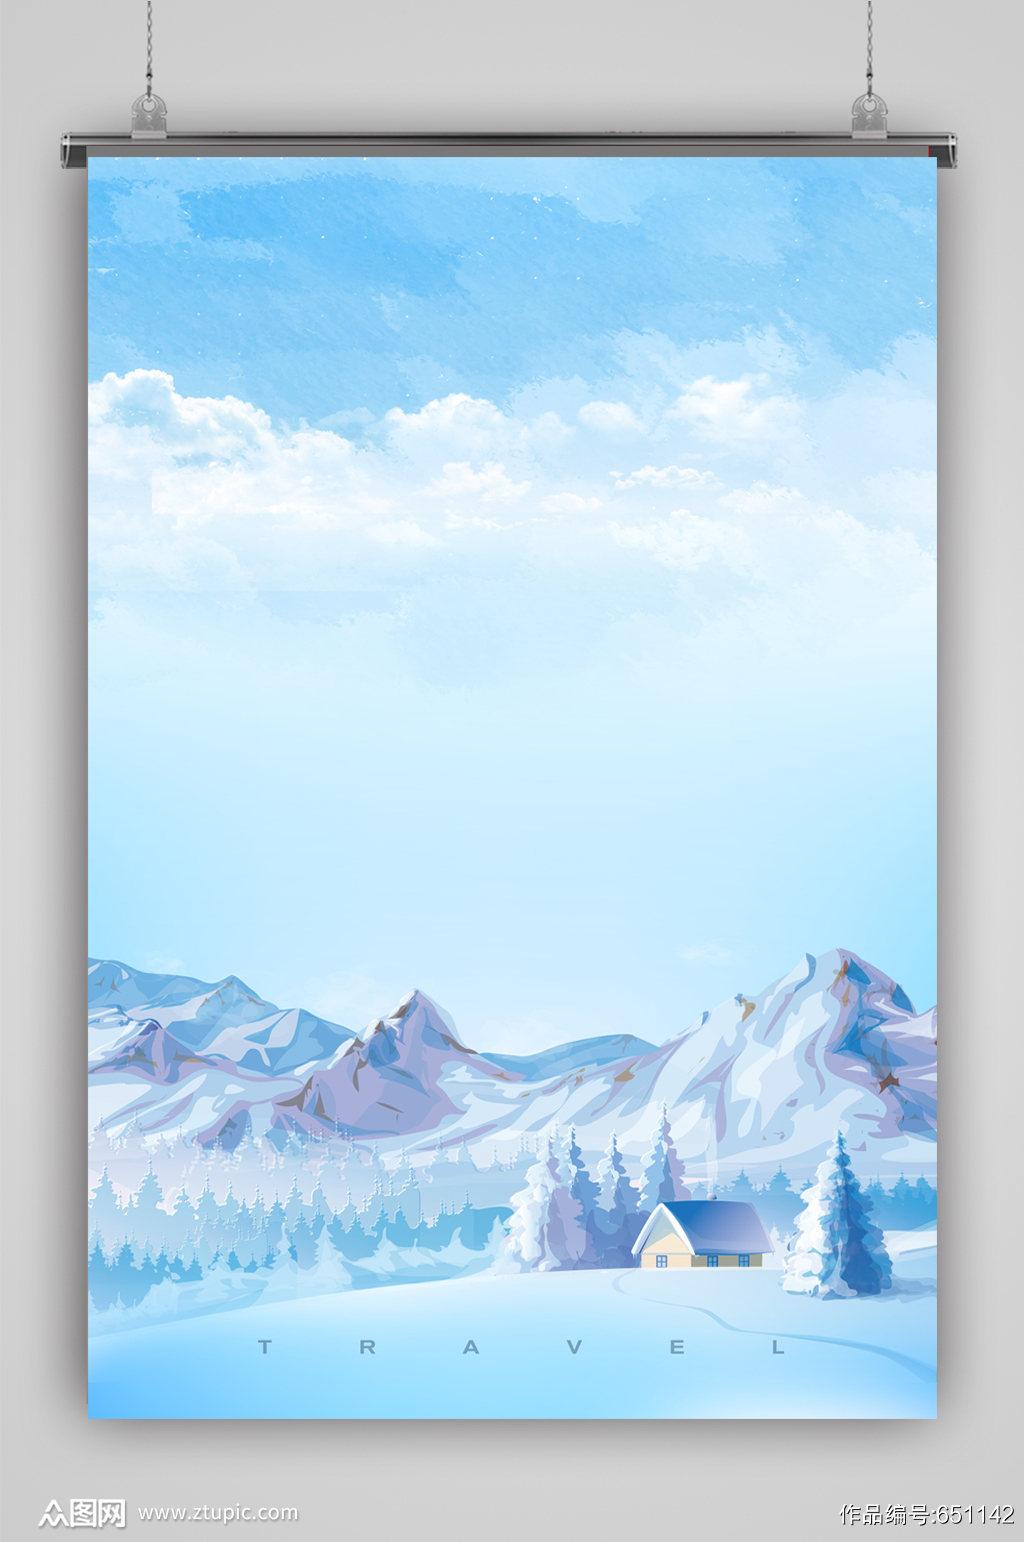 蓝天草地白云简洁背景素材